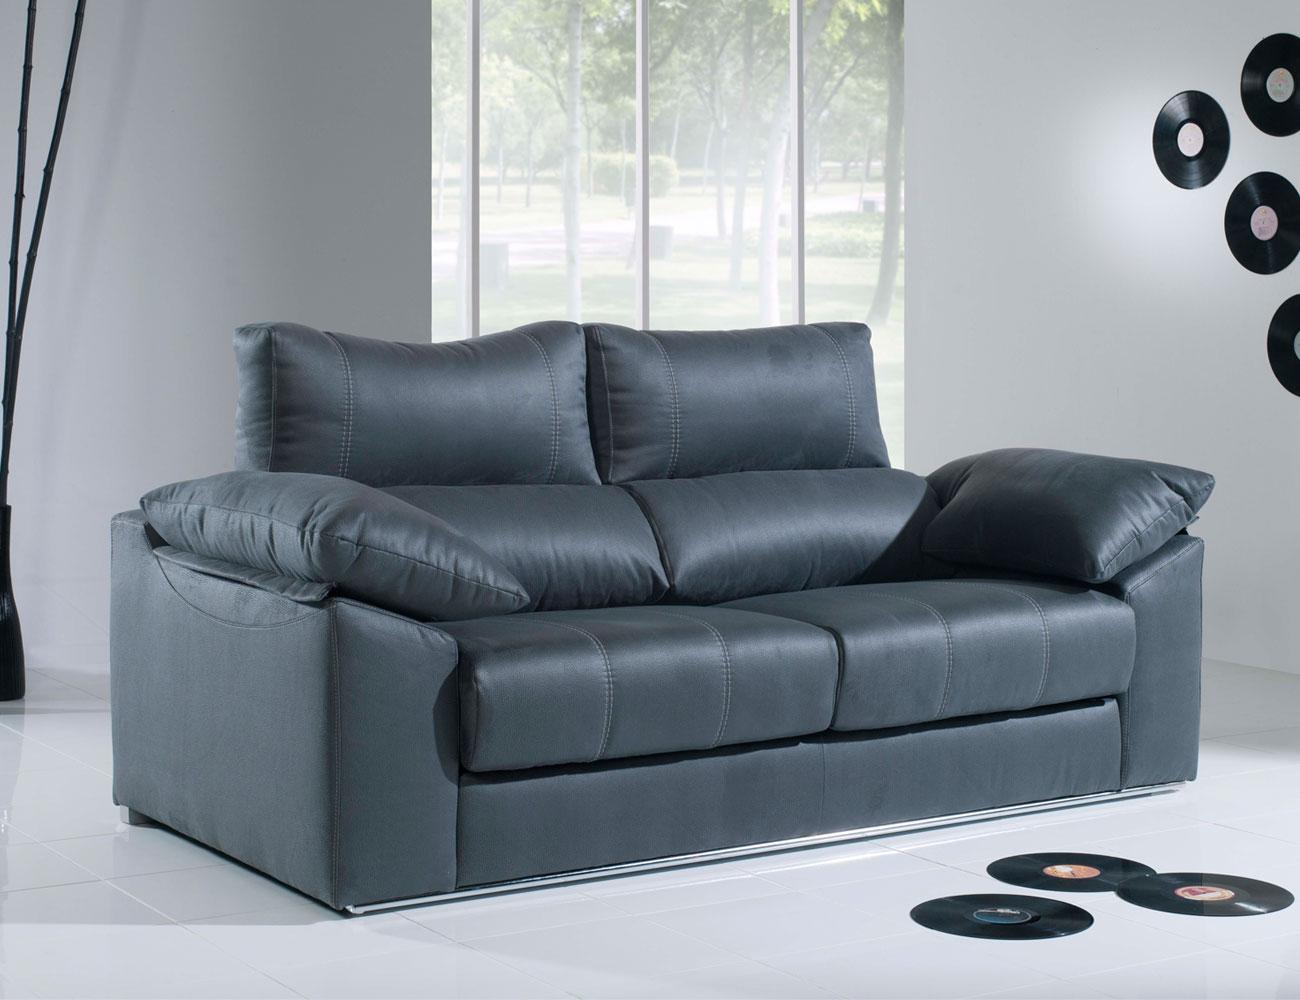 Sofa 3 plazas moderno con barra35